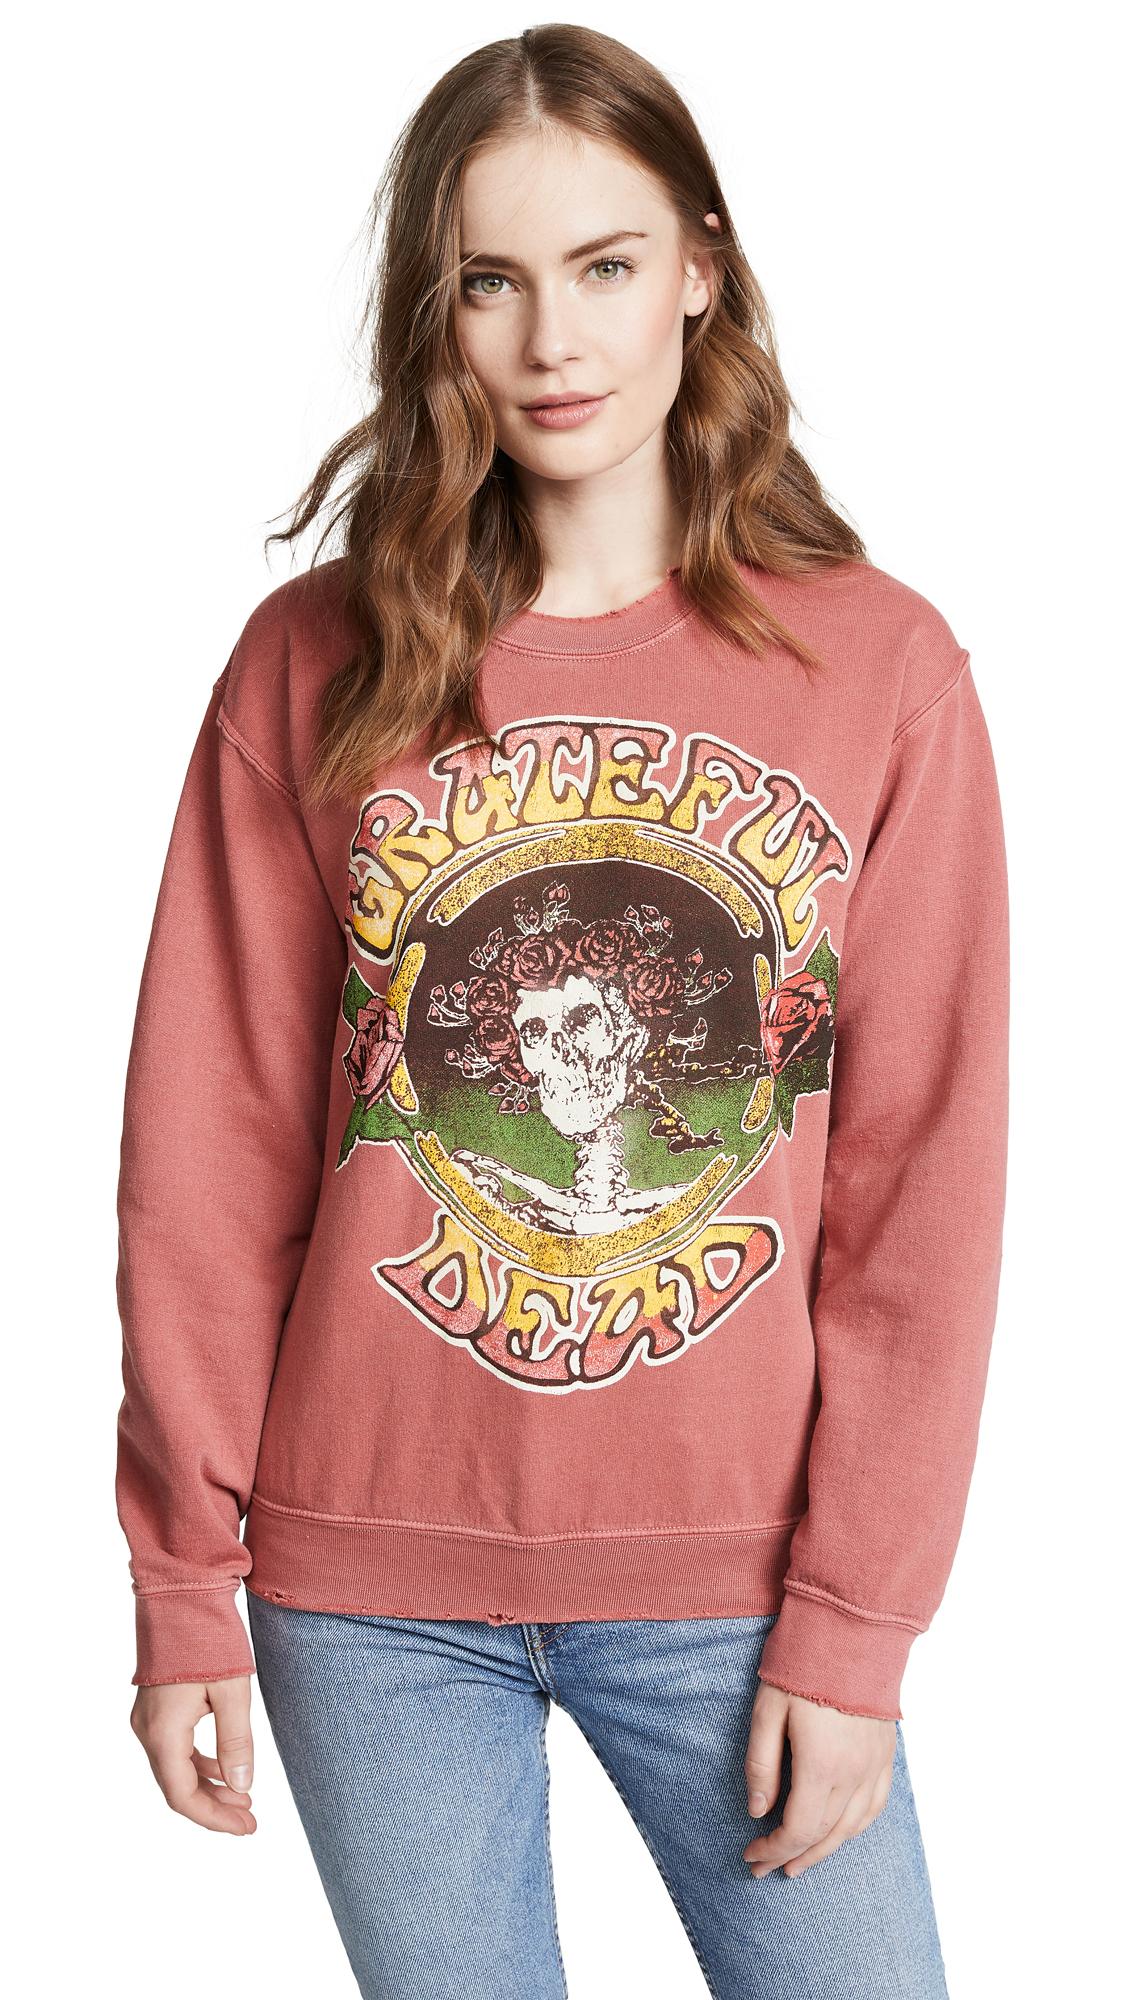 MADE WORN Grateful Dead Sweatshirt in Red